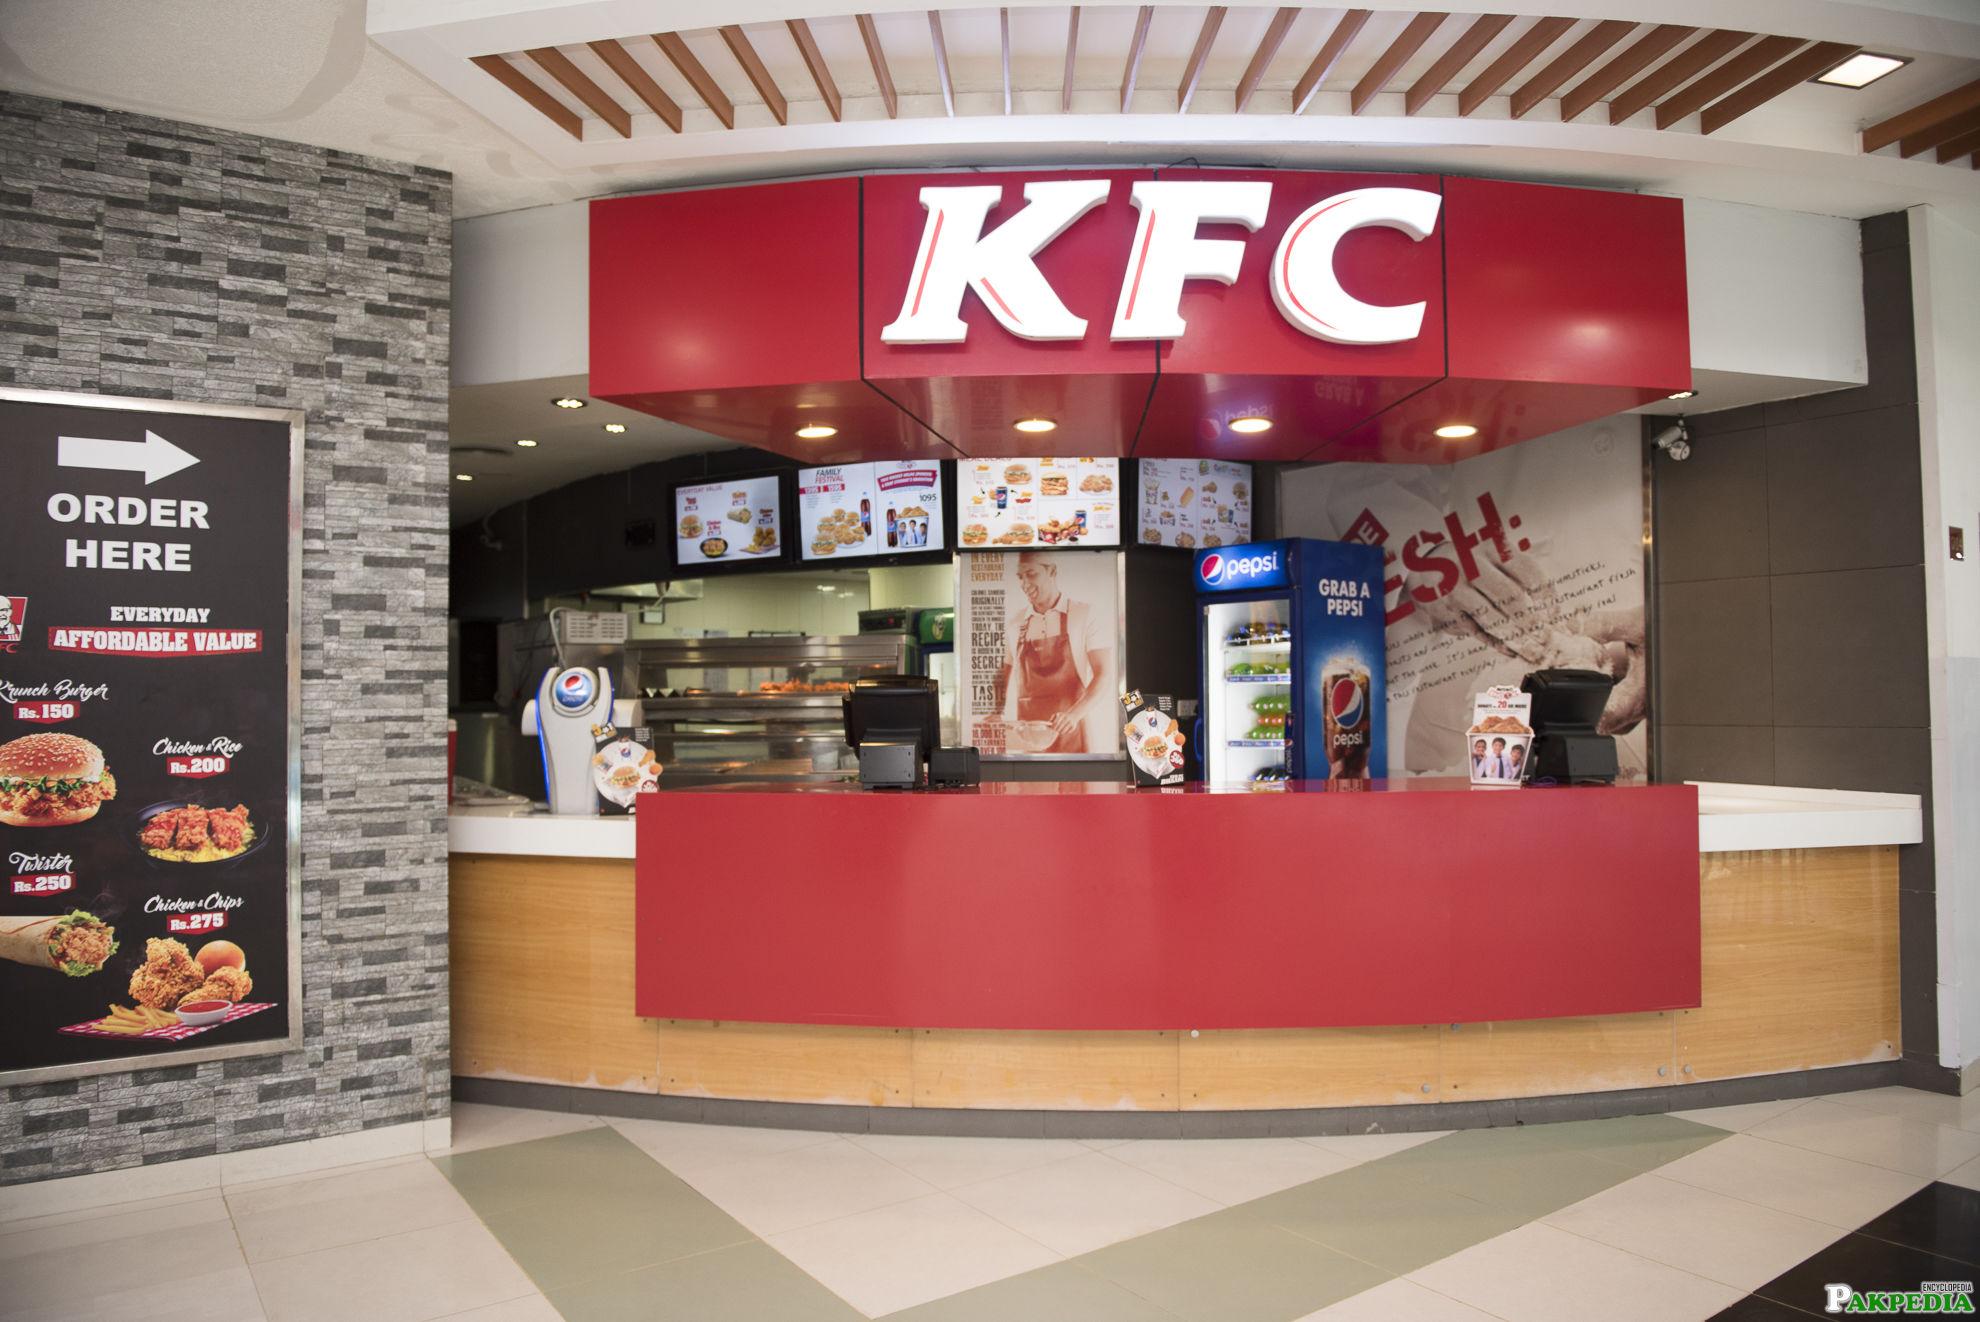 The Centaurus Mall KFC